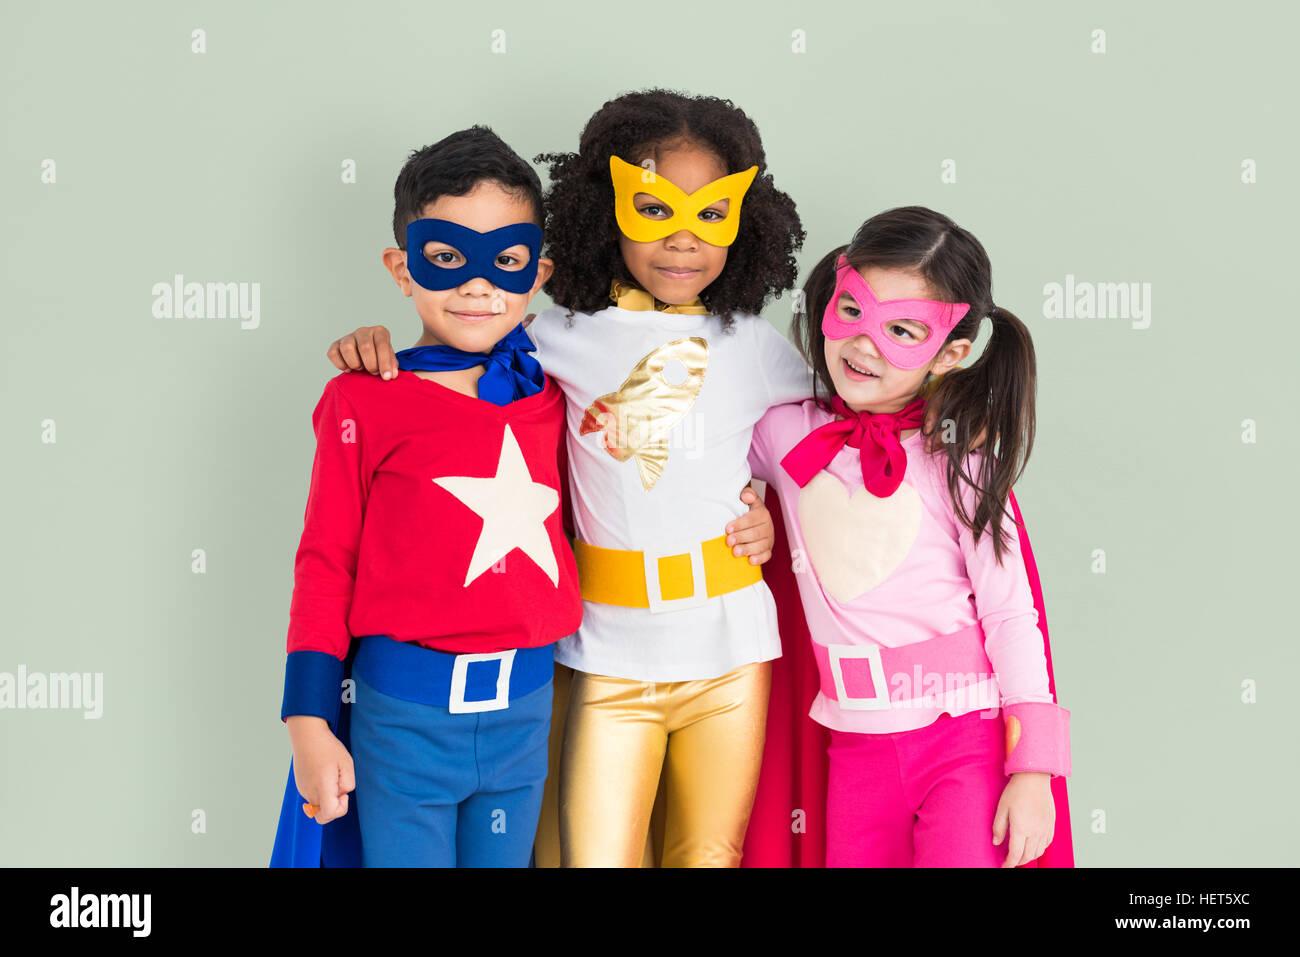 L'adolescence de super-héros enfant Kid Concept Expertise Photo Stock